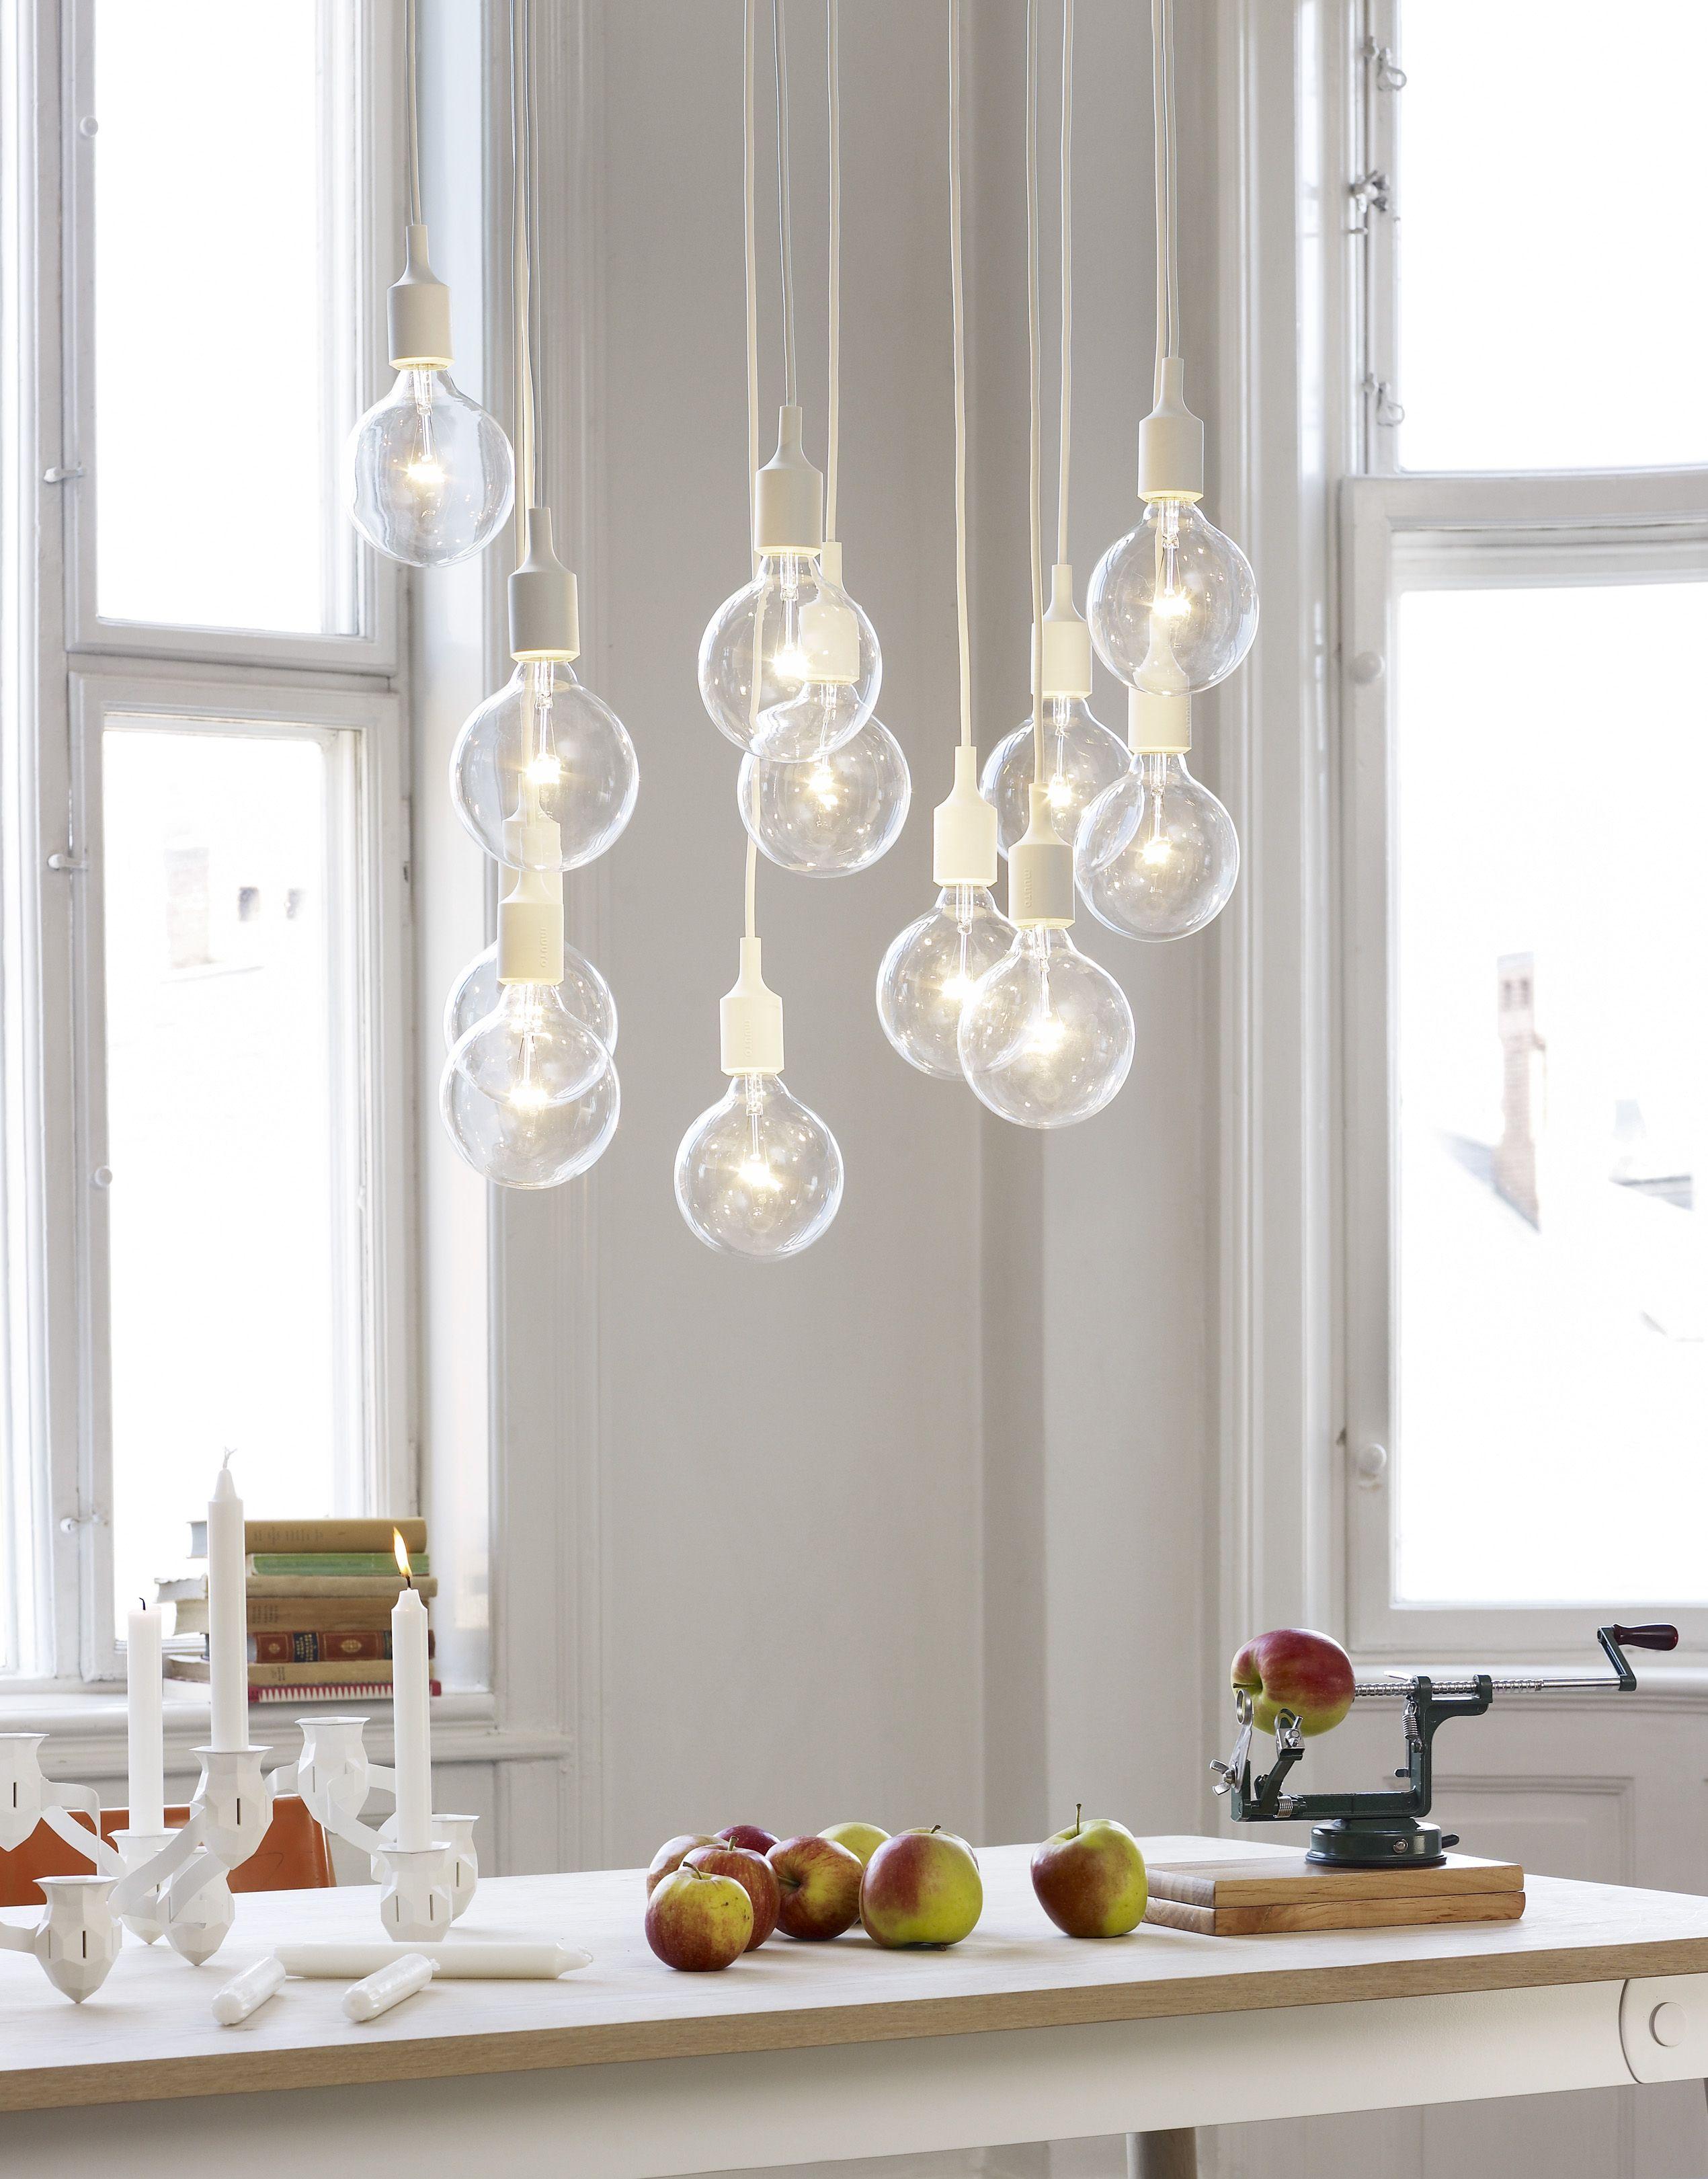 Industrial Design Meets Scandinavian Simplicity With The E27 Pendant Lamp Muuto Scandinav Scandinavian Lighting Dining Room Pendant Scandinavian Chandeliers